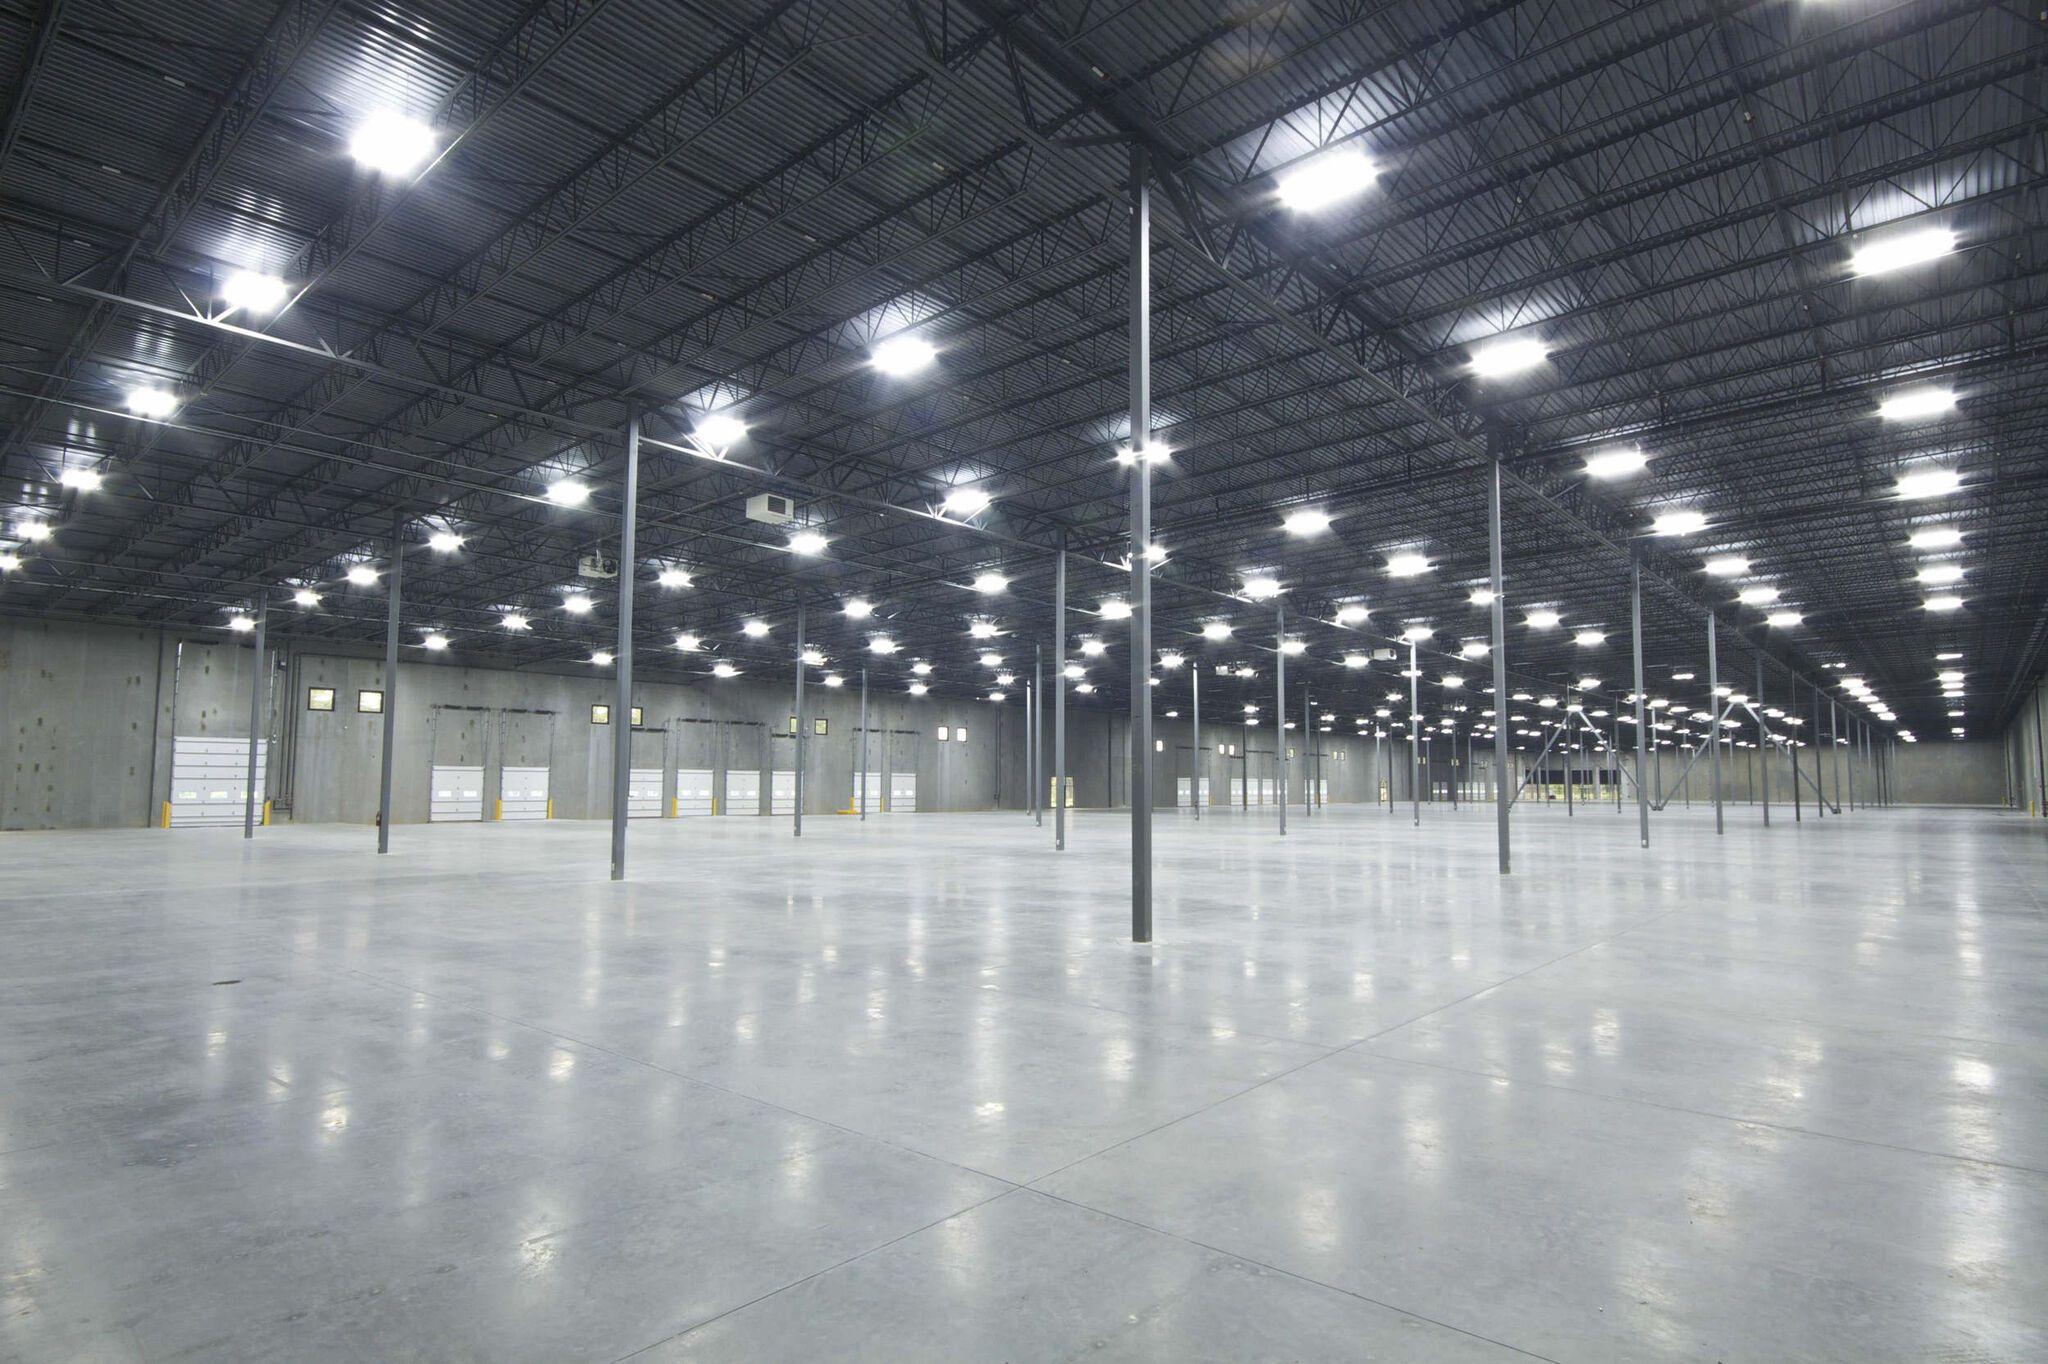 Wer Sind Wir Welche Produkte Finden Sie Bei Uns Www Uniled At Https Bit Ly 2q5tdp8 In 2020 Led Leuchten Indirekte Beleuchtung Beleuchtung